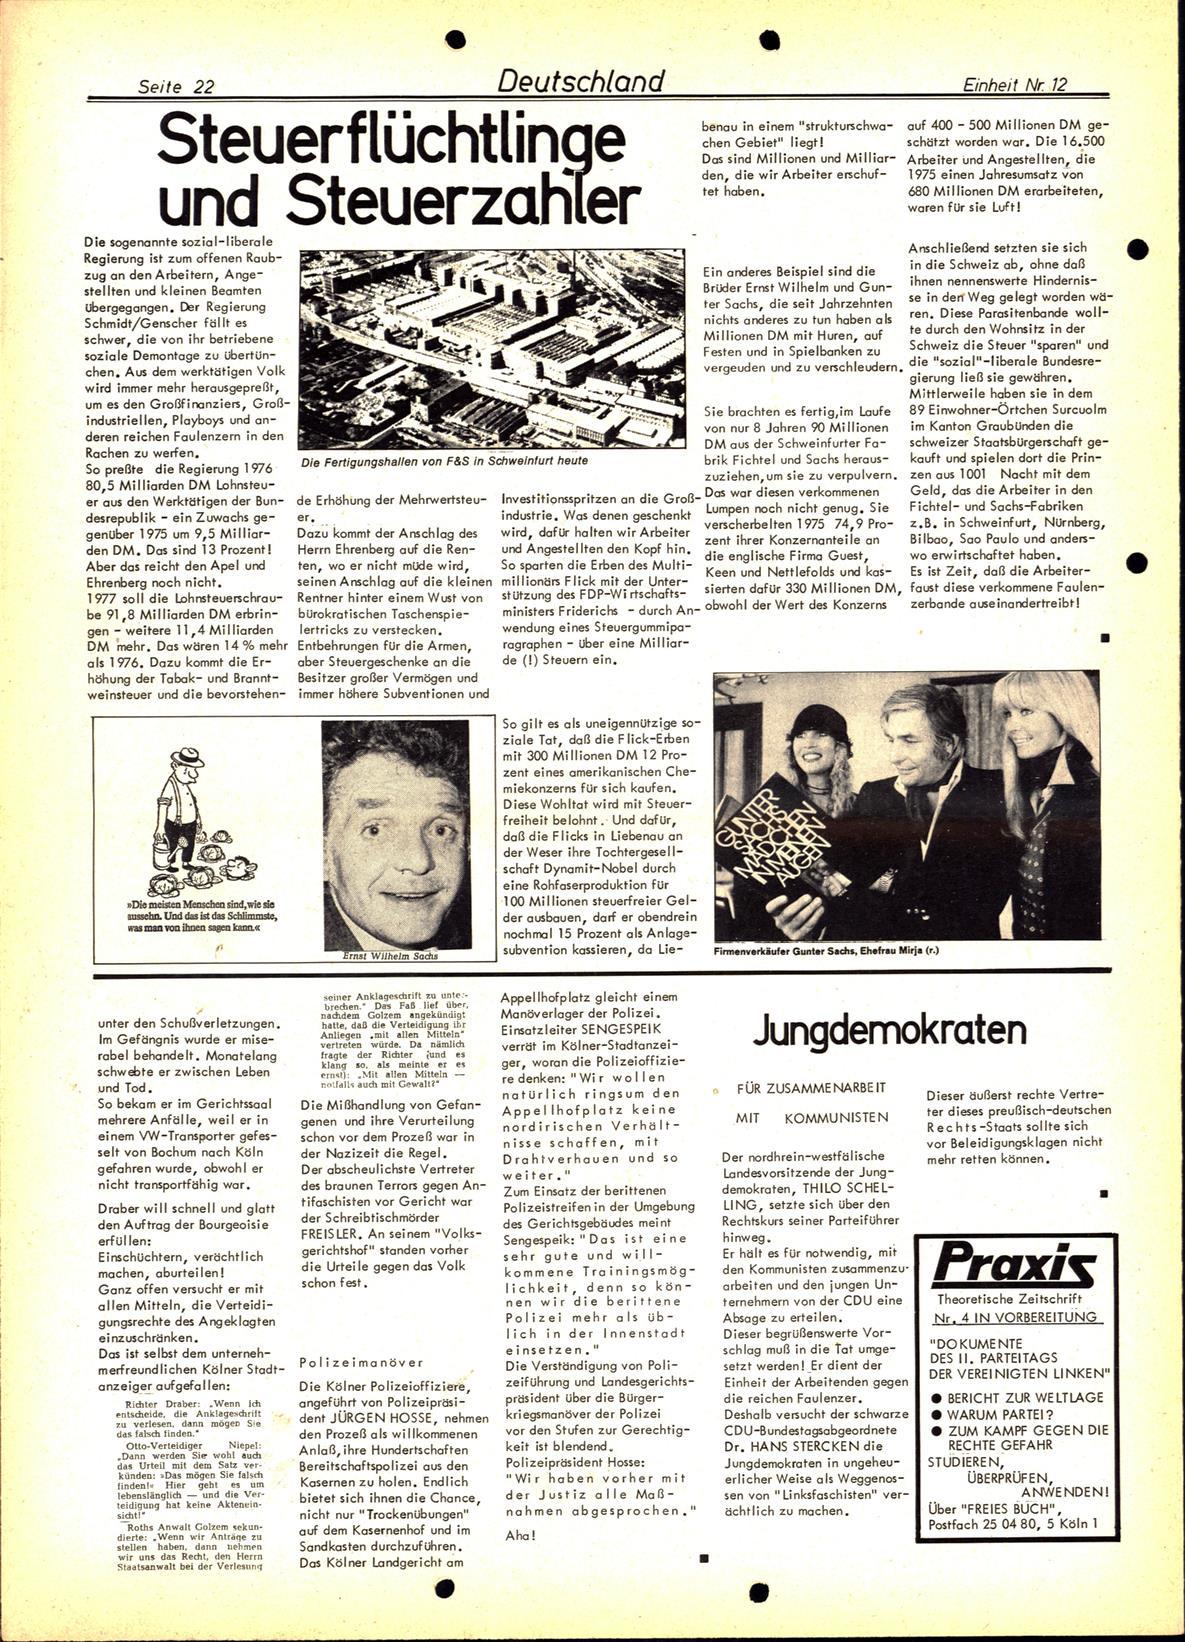 Koeln_IPdA_Einheit_1977_012_022